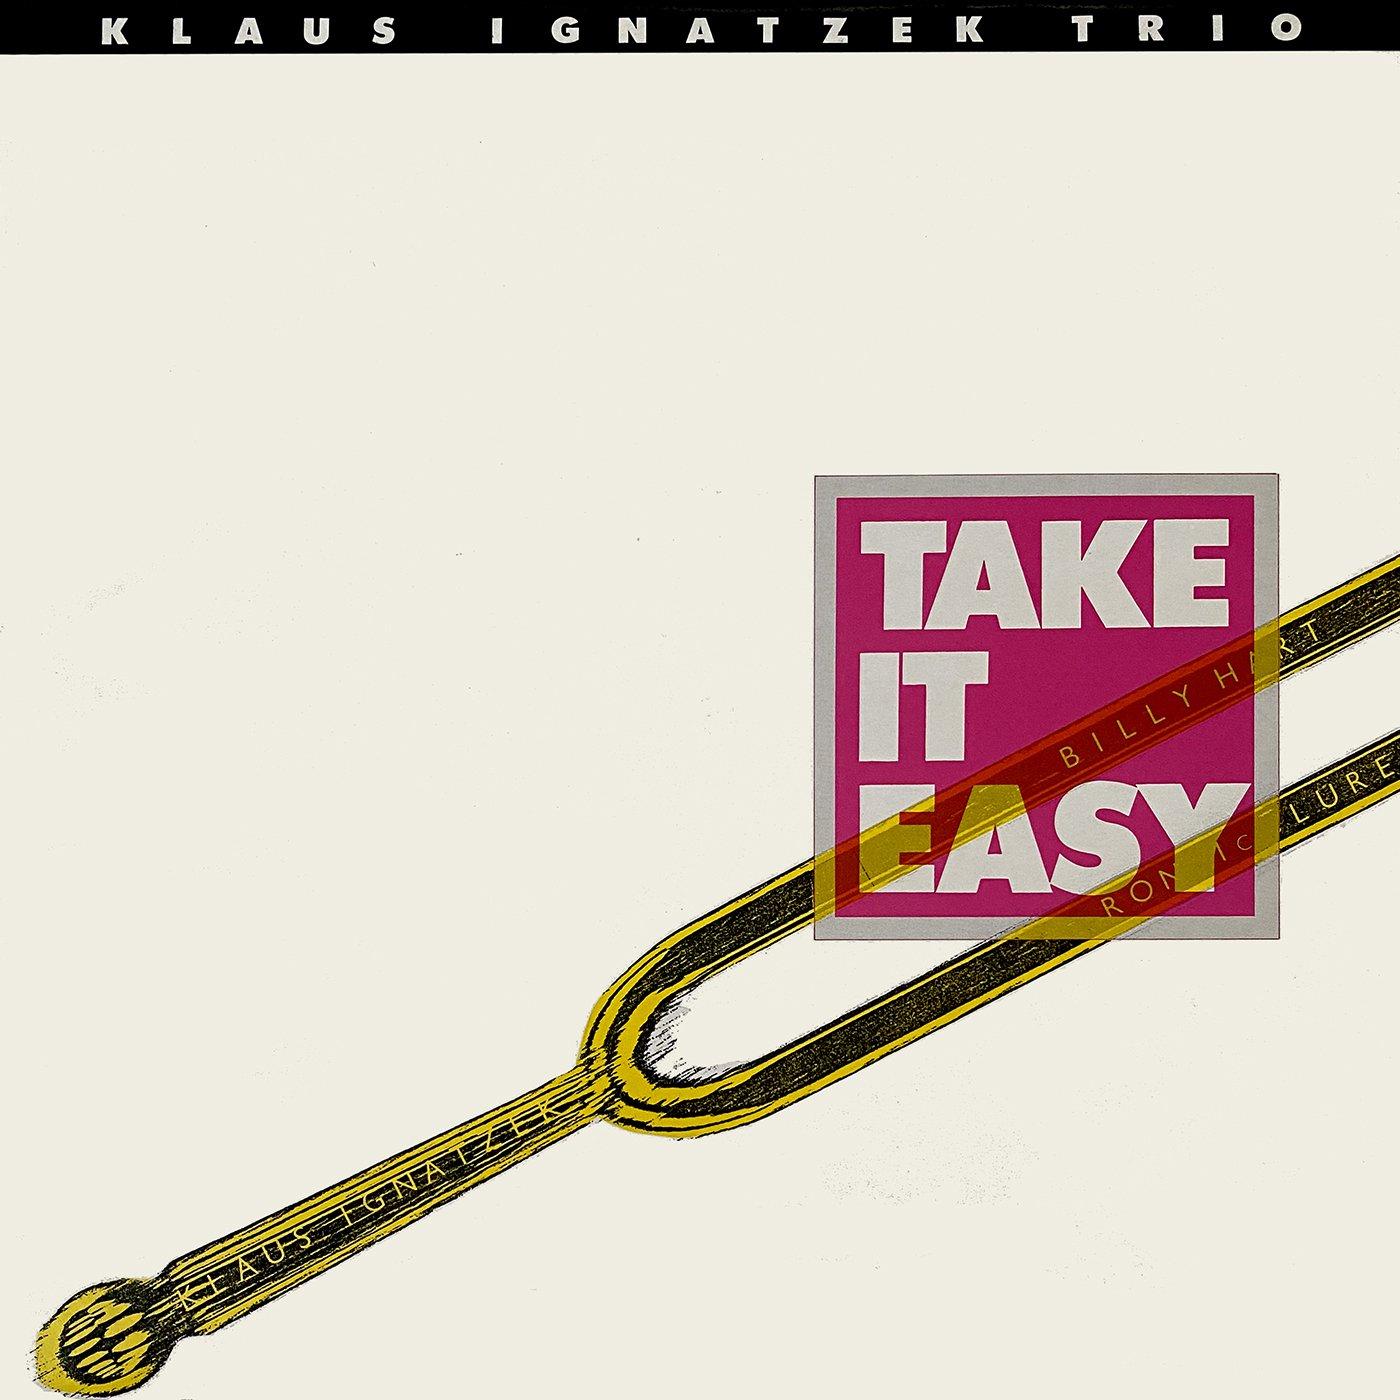 Take It Easy - Klaus Ignatzek Trio